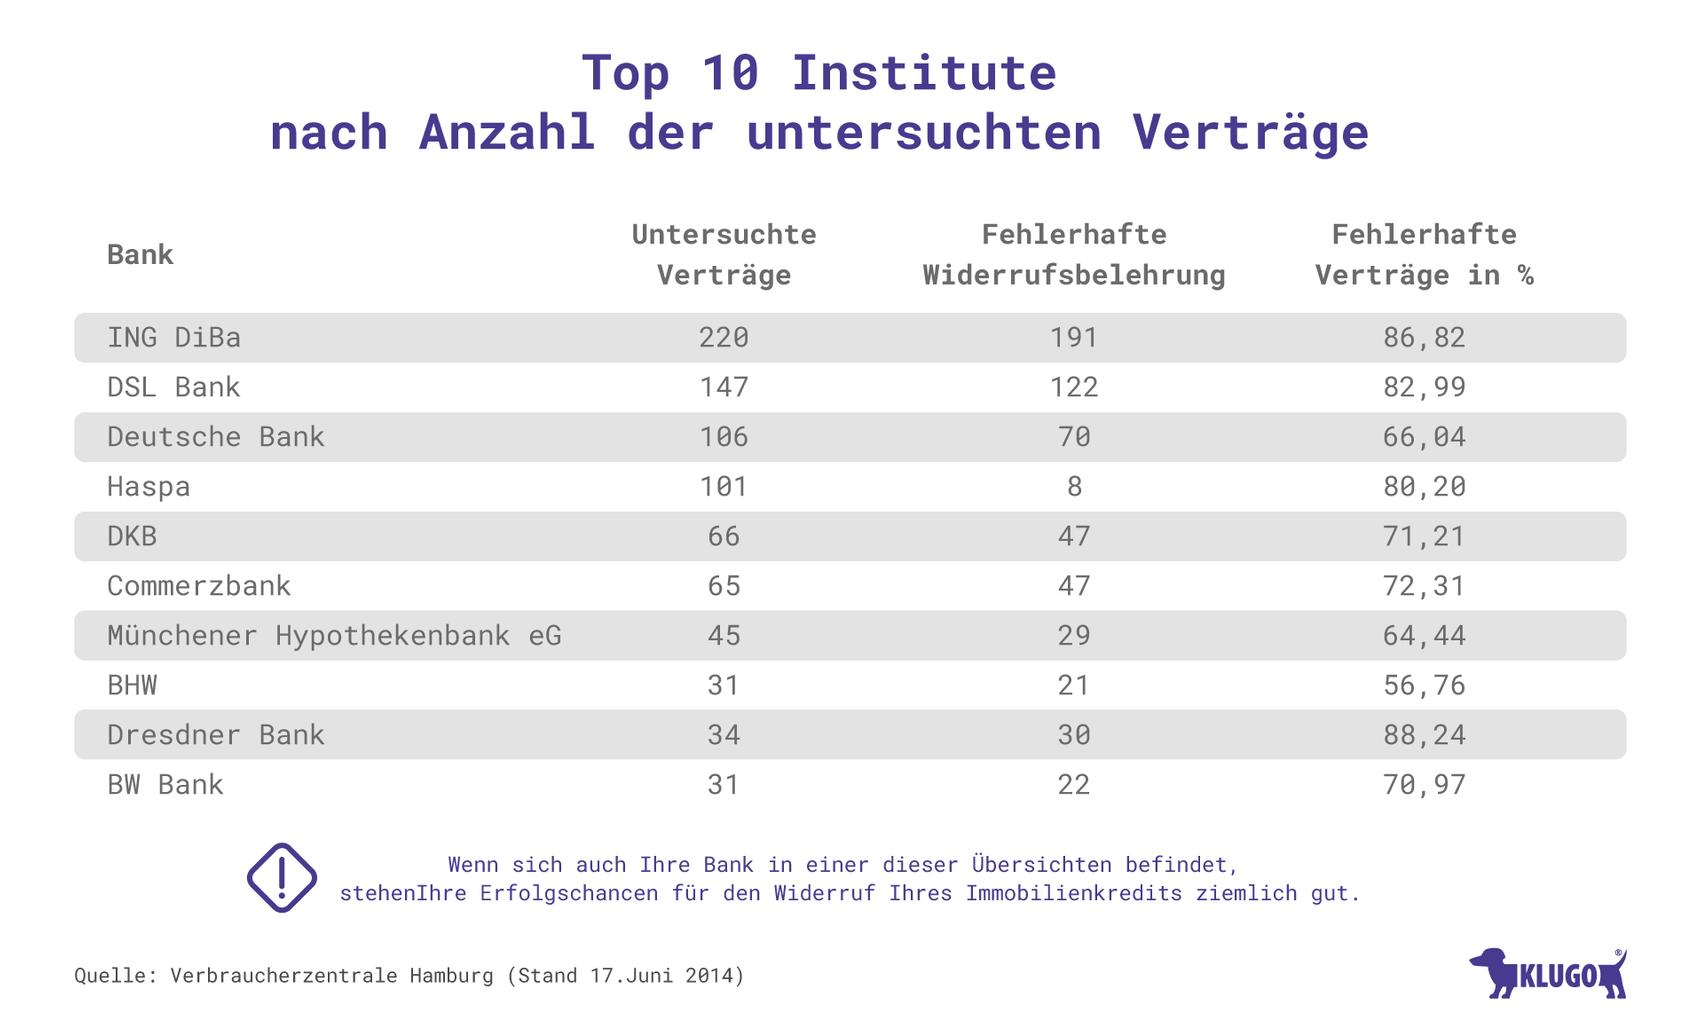 VW Widerruf - Top 10 Institute nach Anzahl der untersuchten Verträge – Infografik